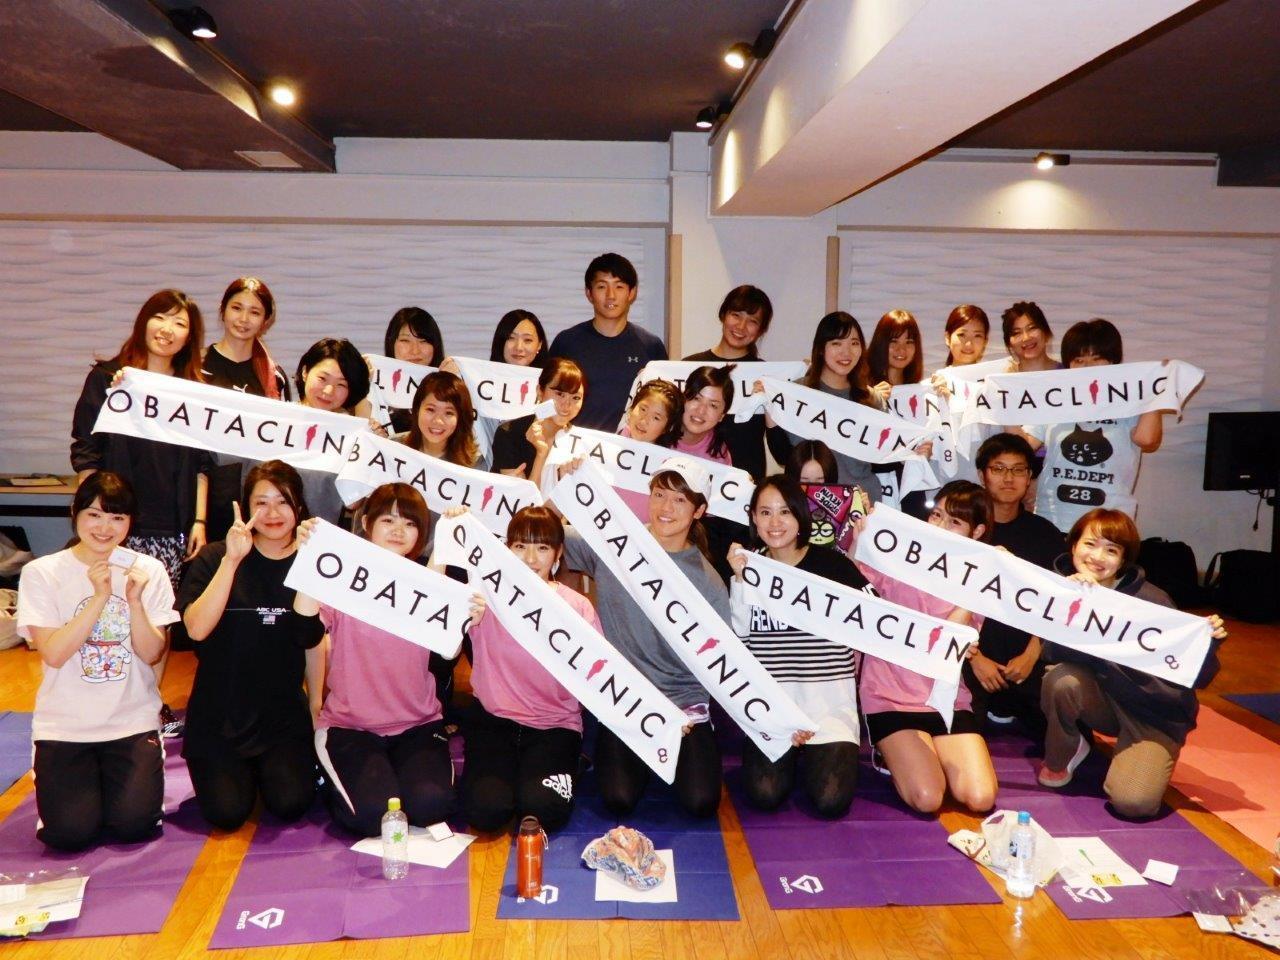 http://news.yoshimoto.co.jp/20181201193323-a98f1e9a5f093e84a019c263cbcc9d2721bab818.jpg